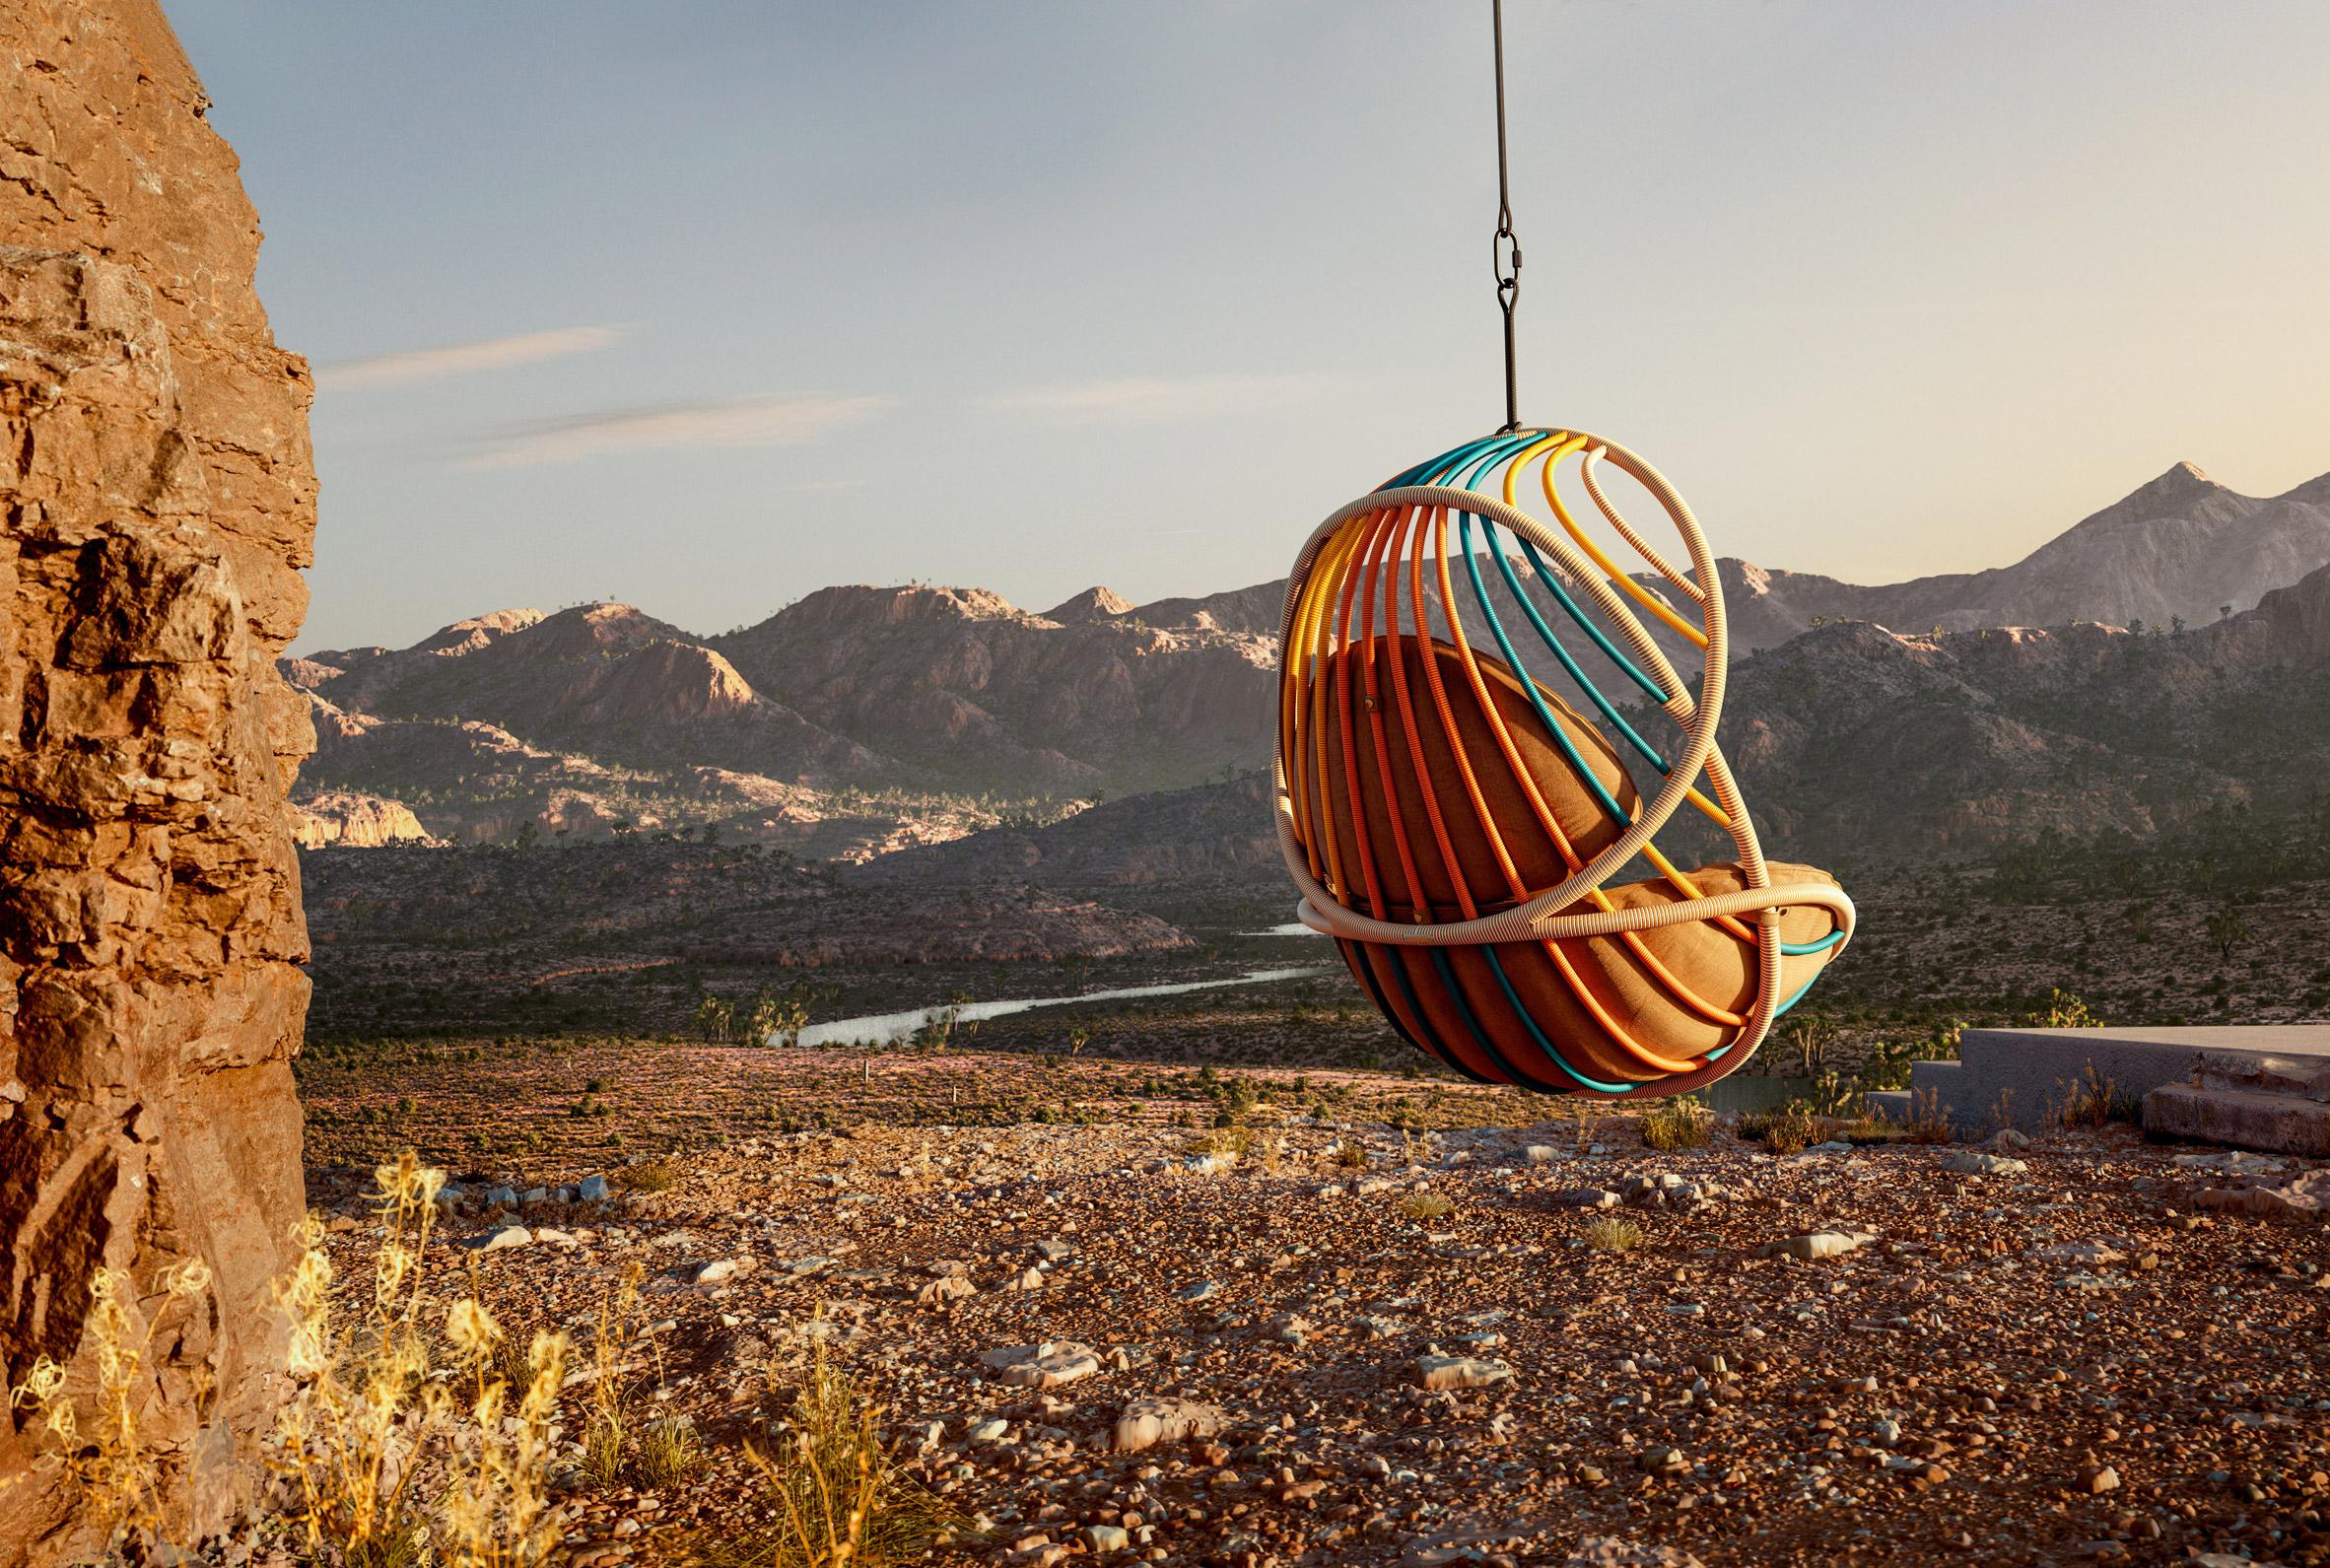 KIDA hanging lounge chair by Stephen Burks for Dedon